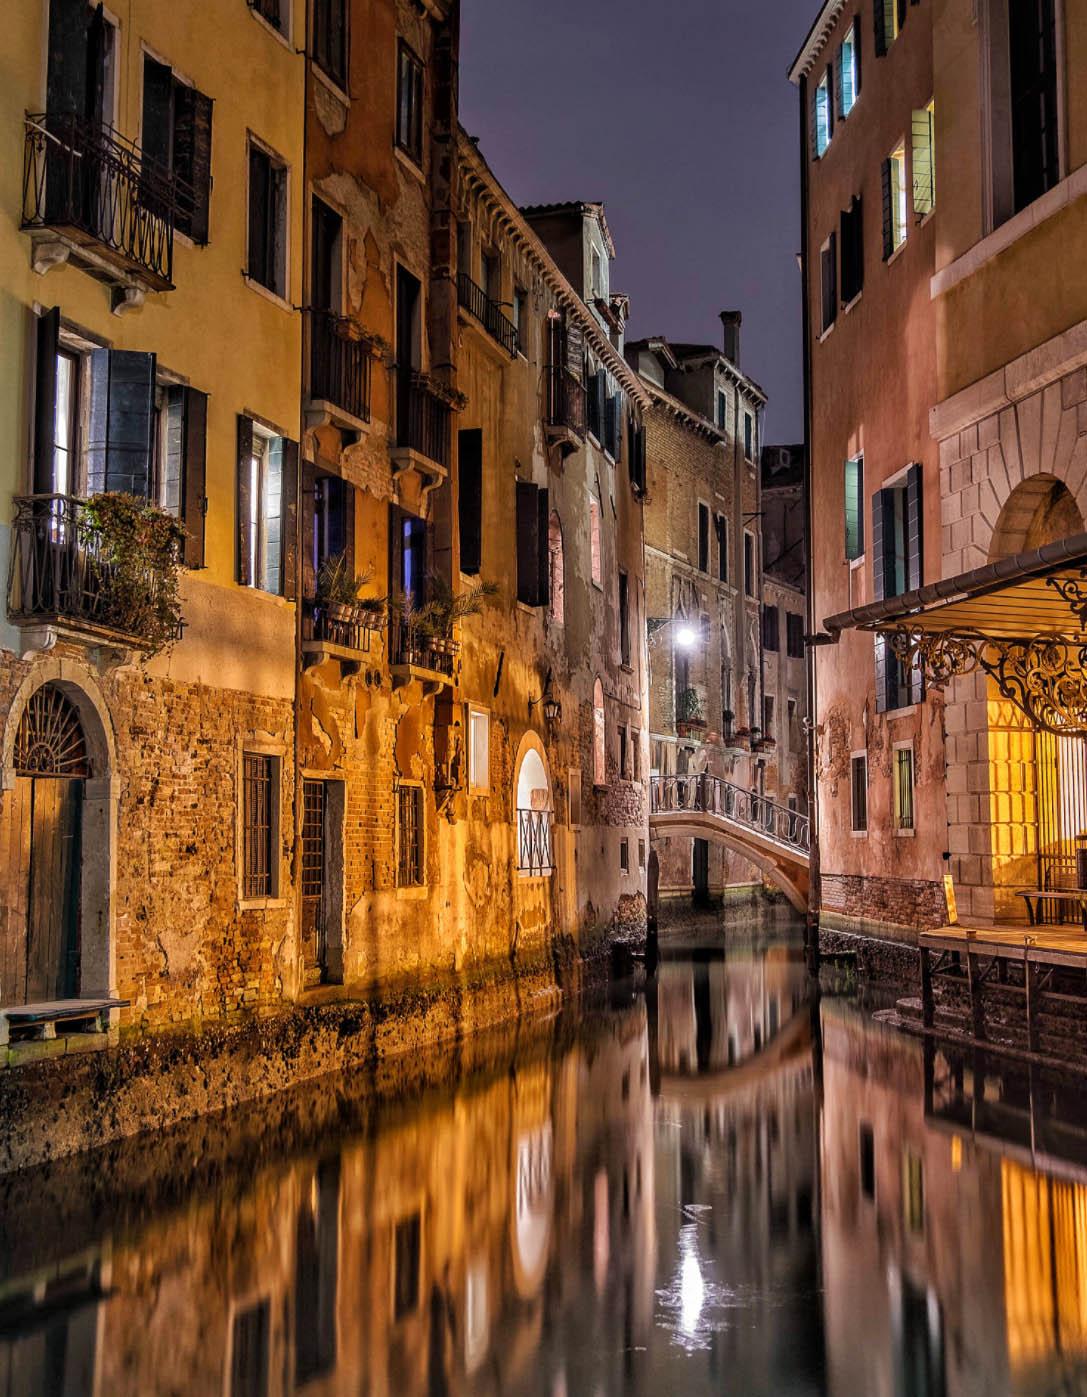 Teatro la Fenice - Venise - Excursion en français